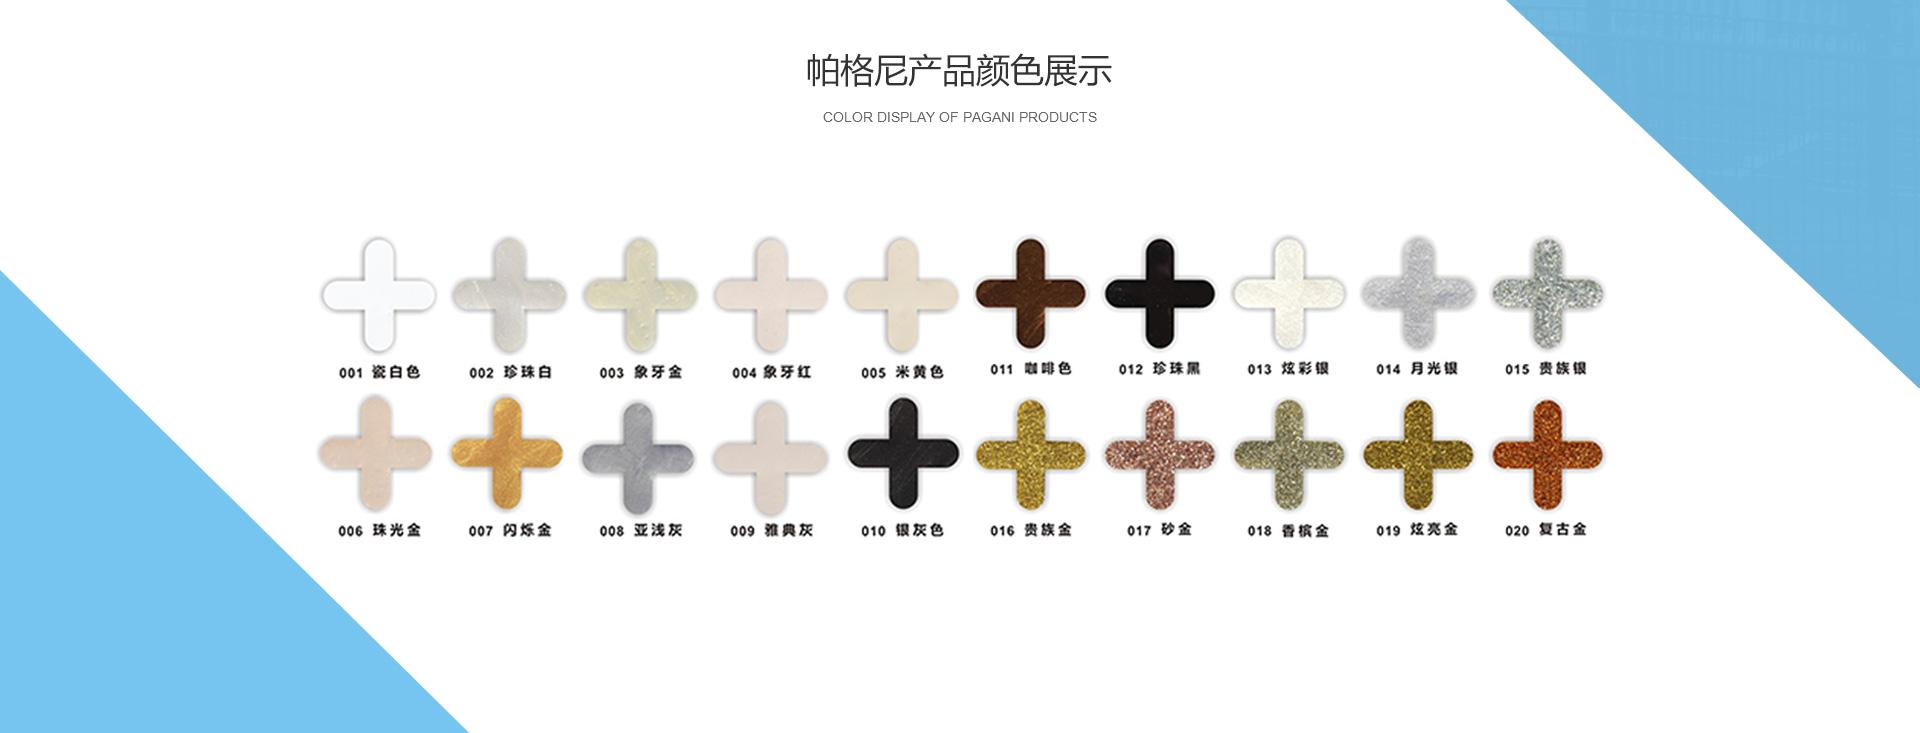 帕格尼炫彩陶瓷泥